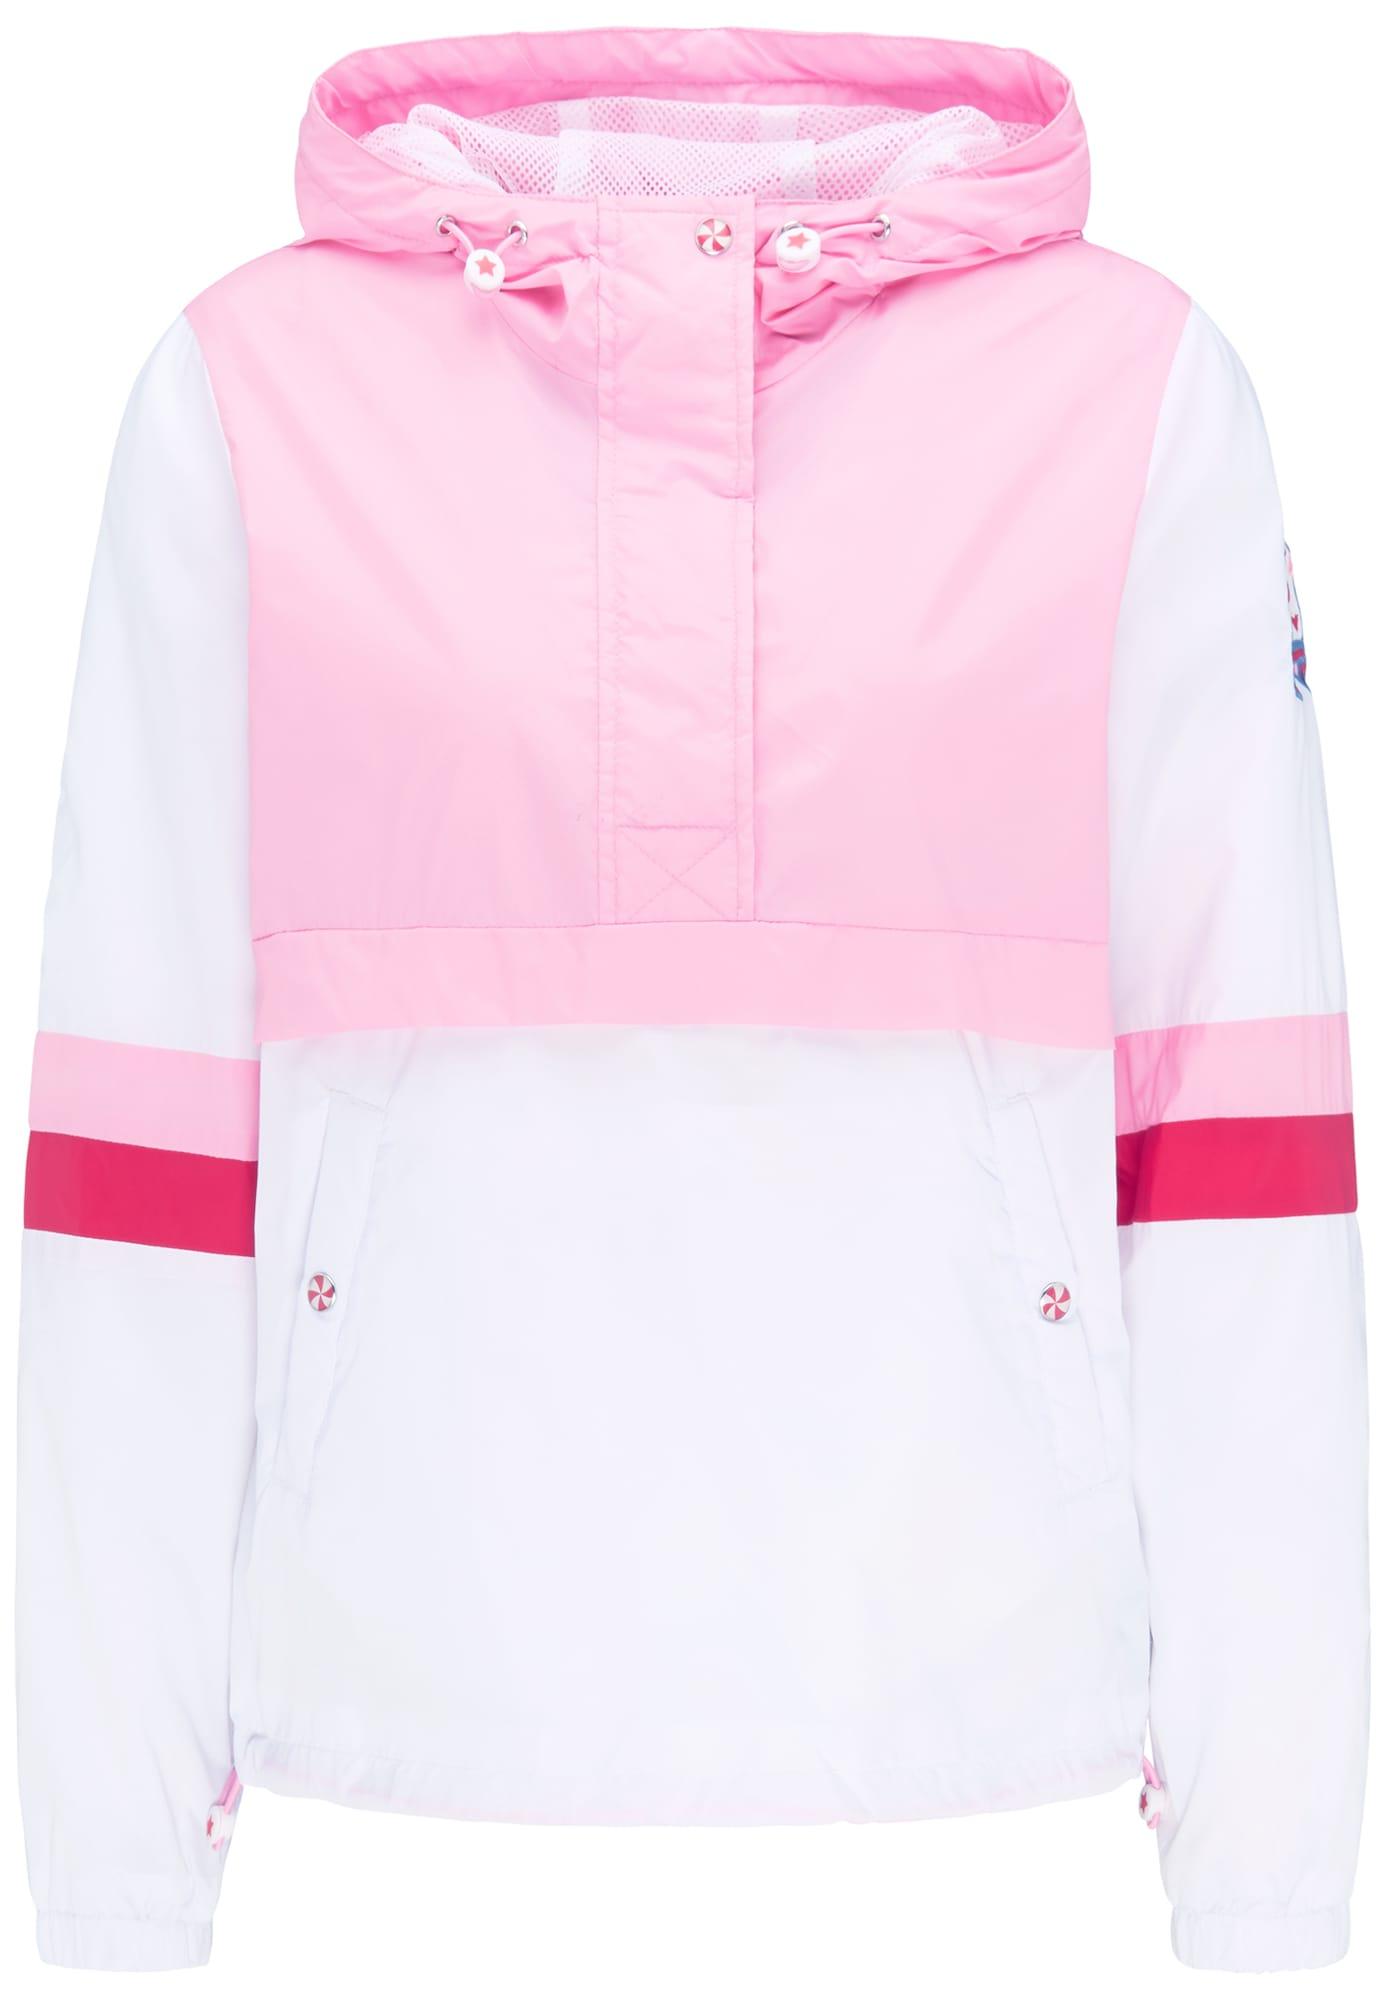 Windbreaker | Sportbekleidung > Sportjacken > Windbreaker | Pink - Rosa - Weiß | MYMO